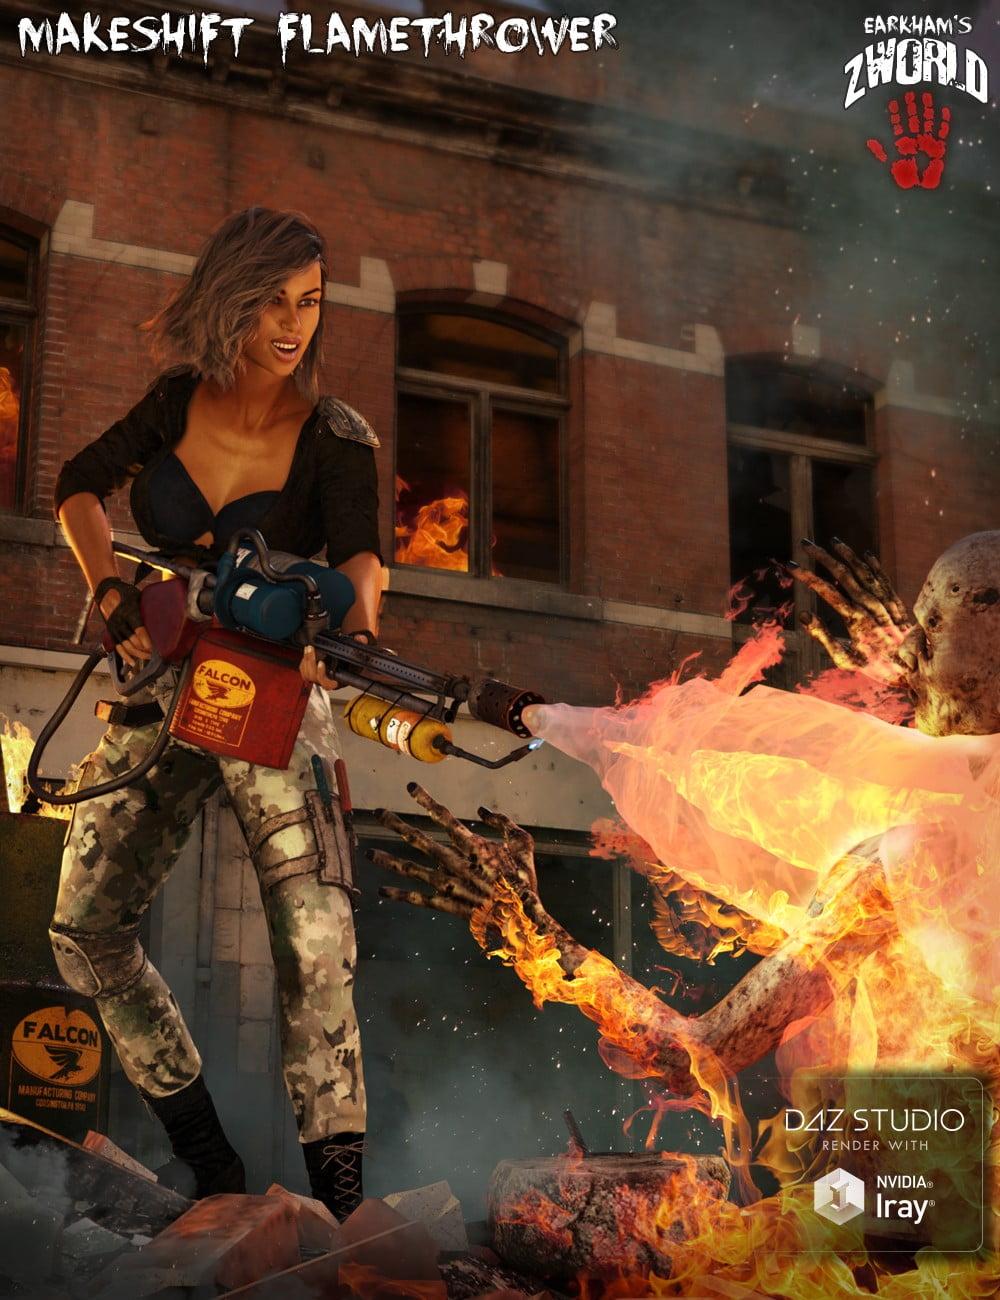 EArkham's ZWorld Makeshift Flamethrower